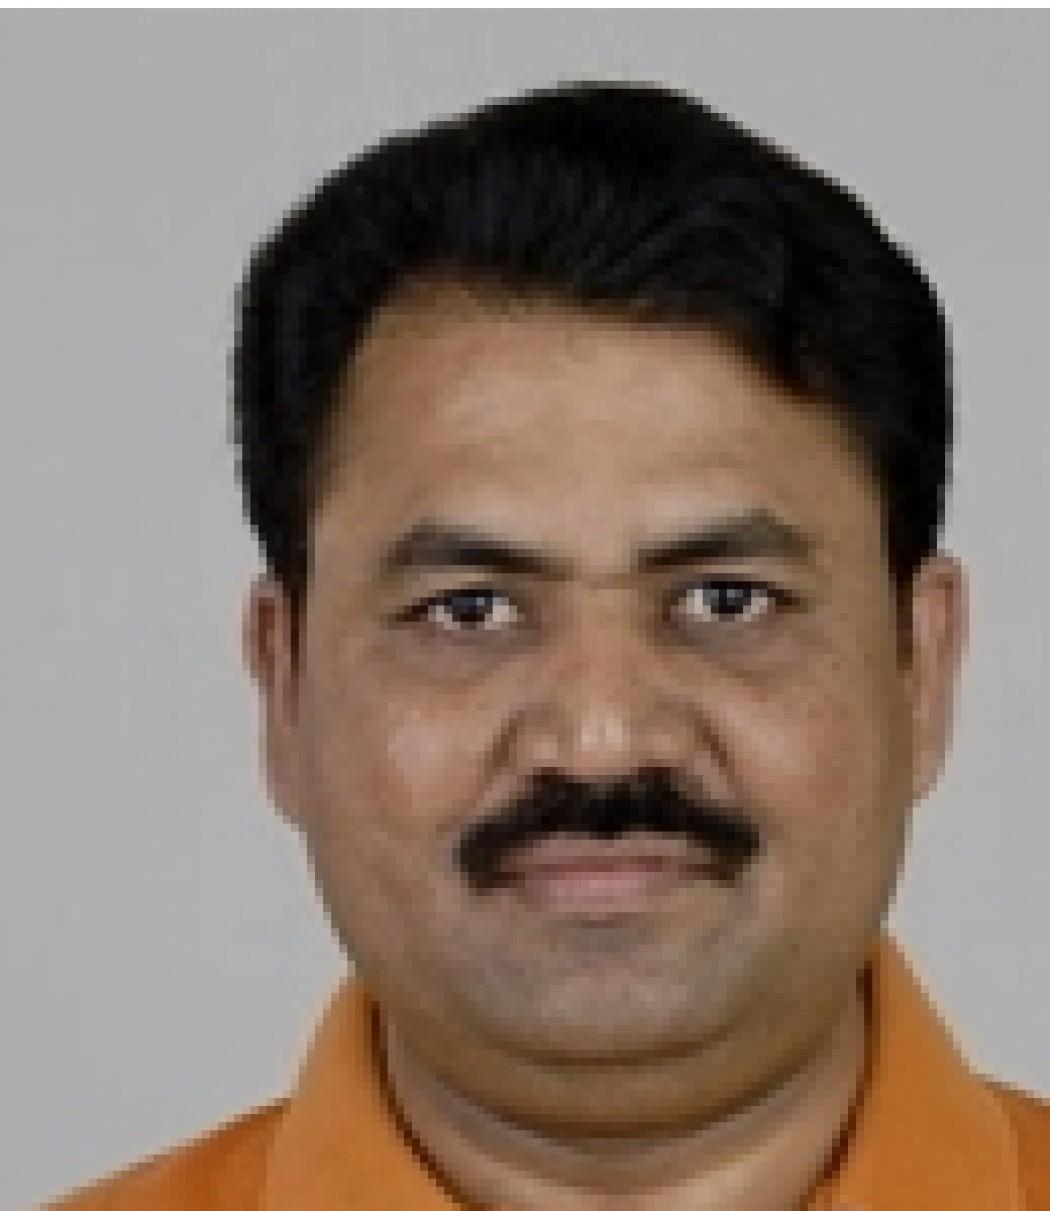 Shivaram Vinjamuri